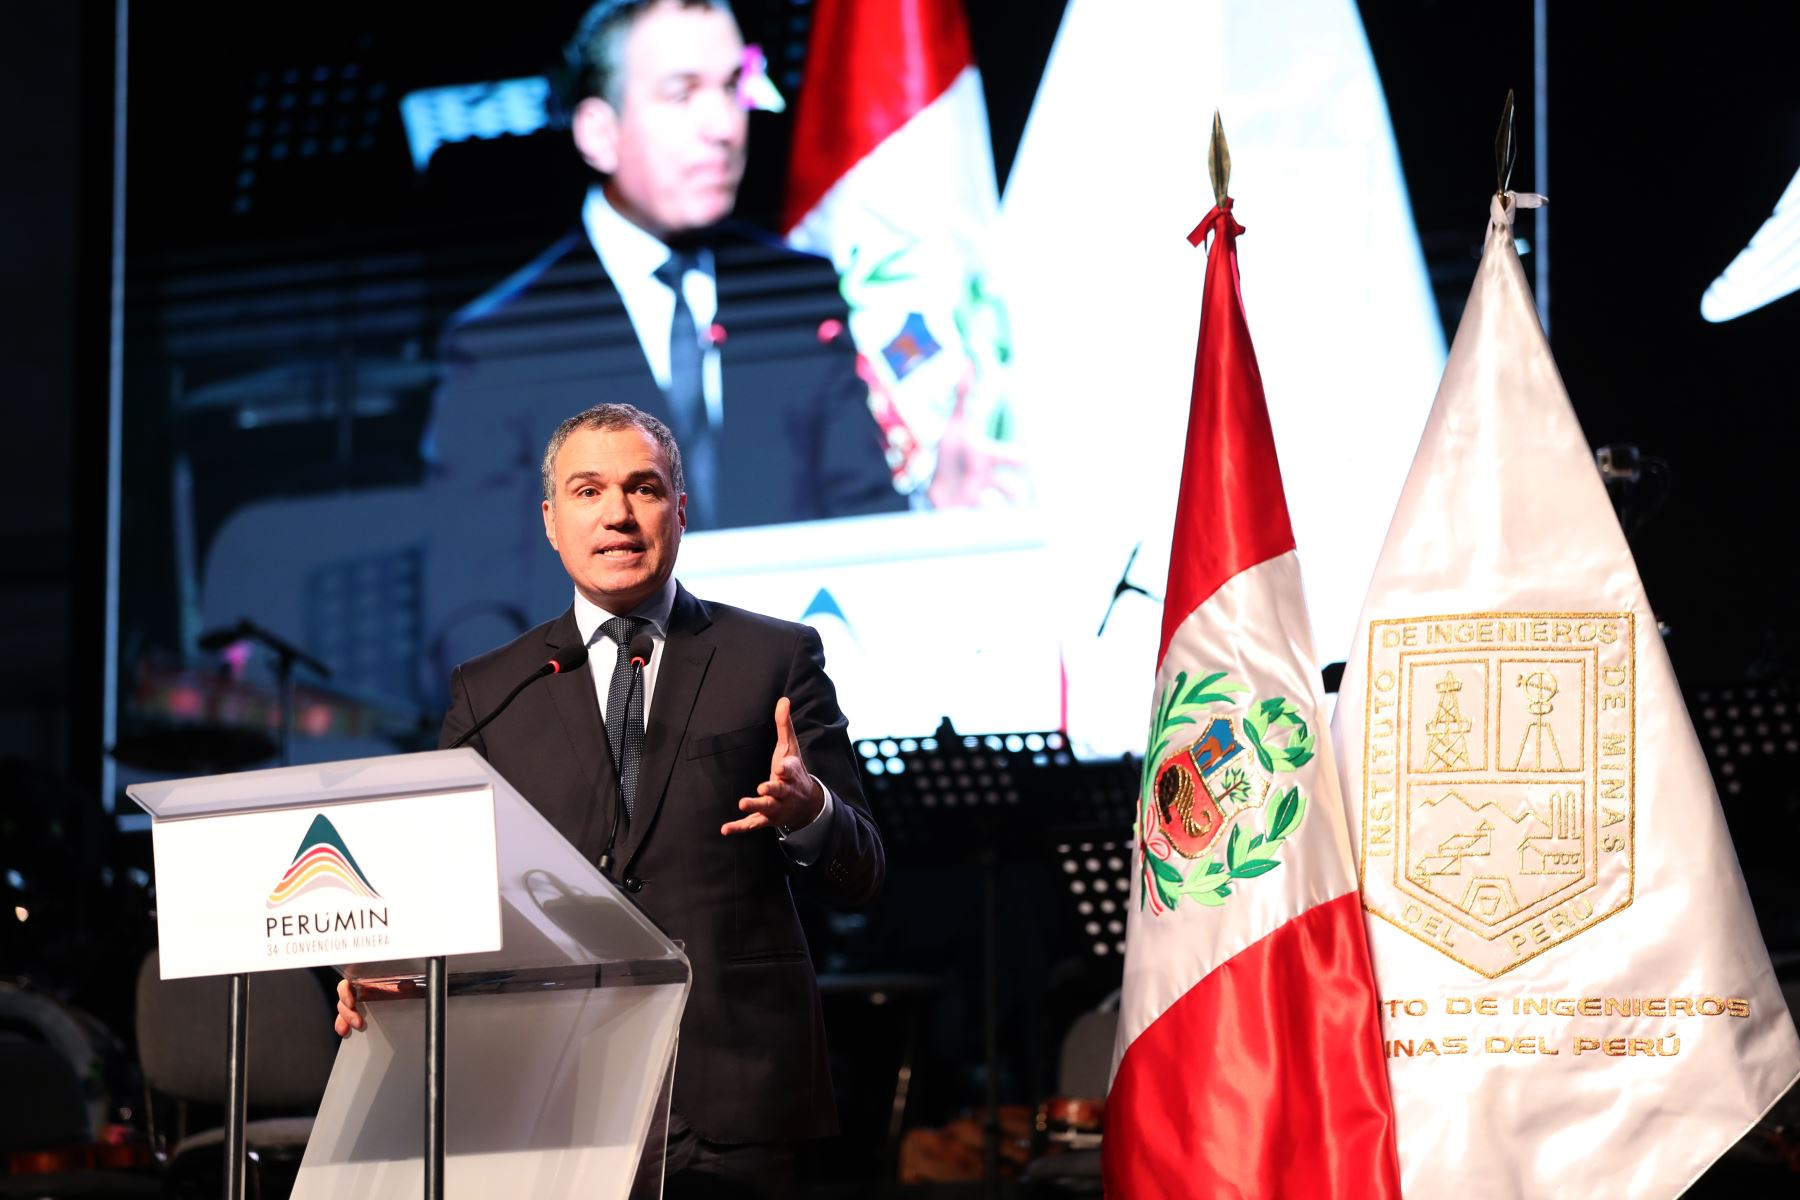 El presidente del Consejo de Ministros, Salvador del Solar inauguro la 34ª Convención Minera Perumin, en la ciudad de Arequipa.Foto:ANDINA/PCM